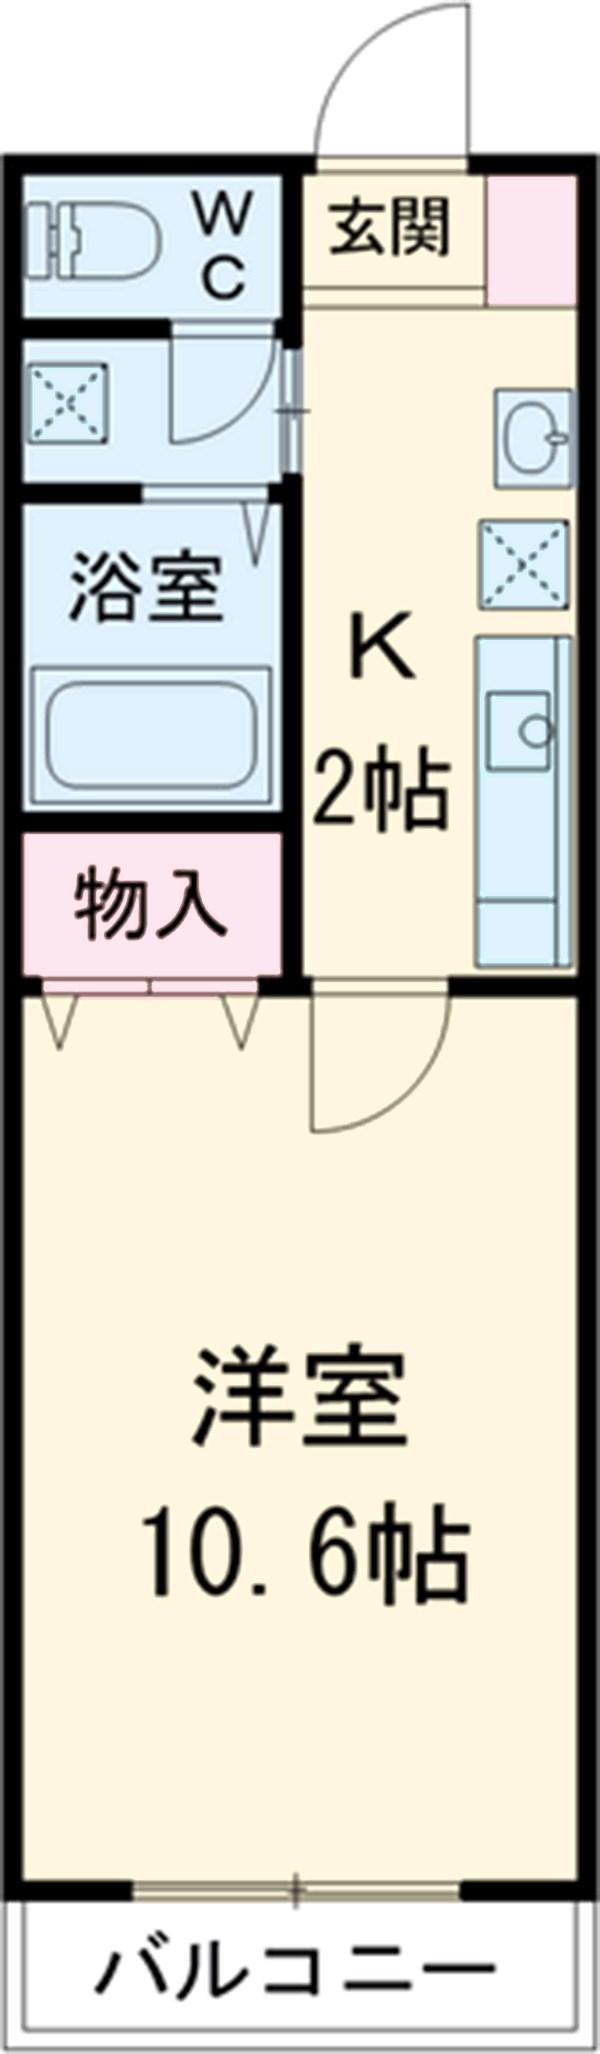 KHグランドールⅡ 202号室の間取り